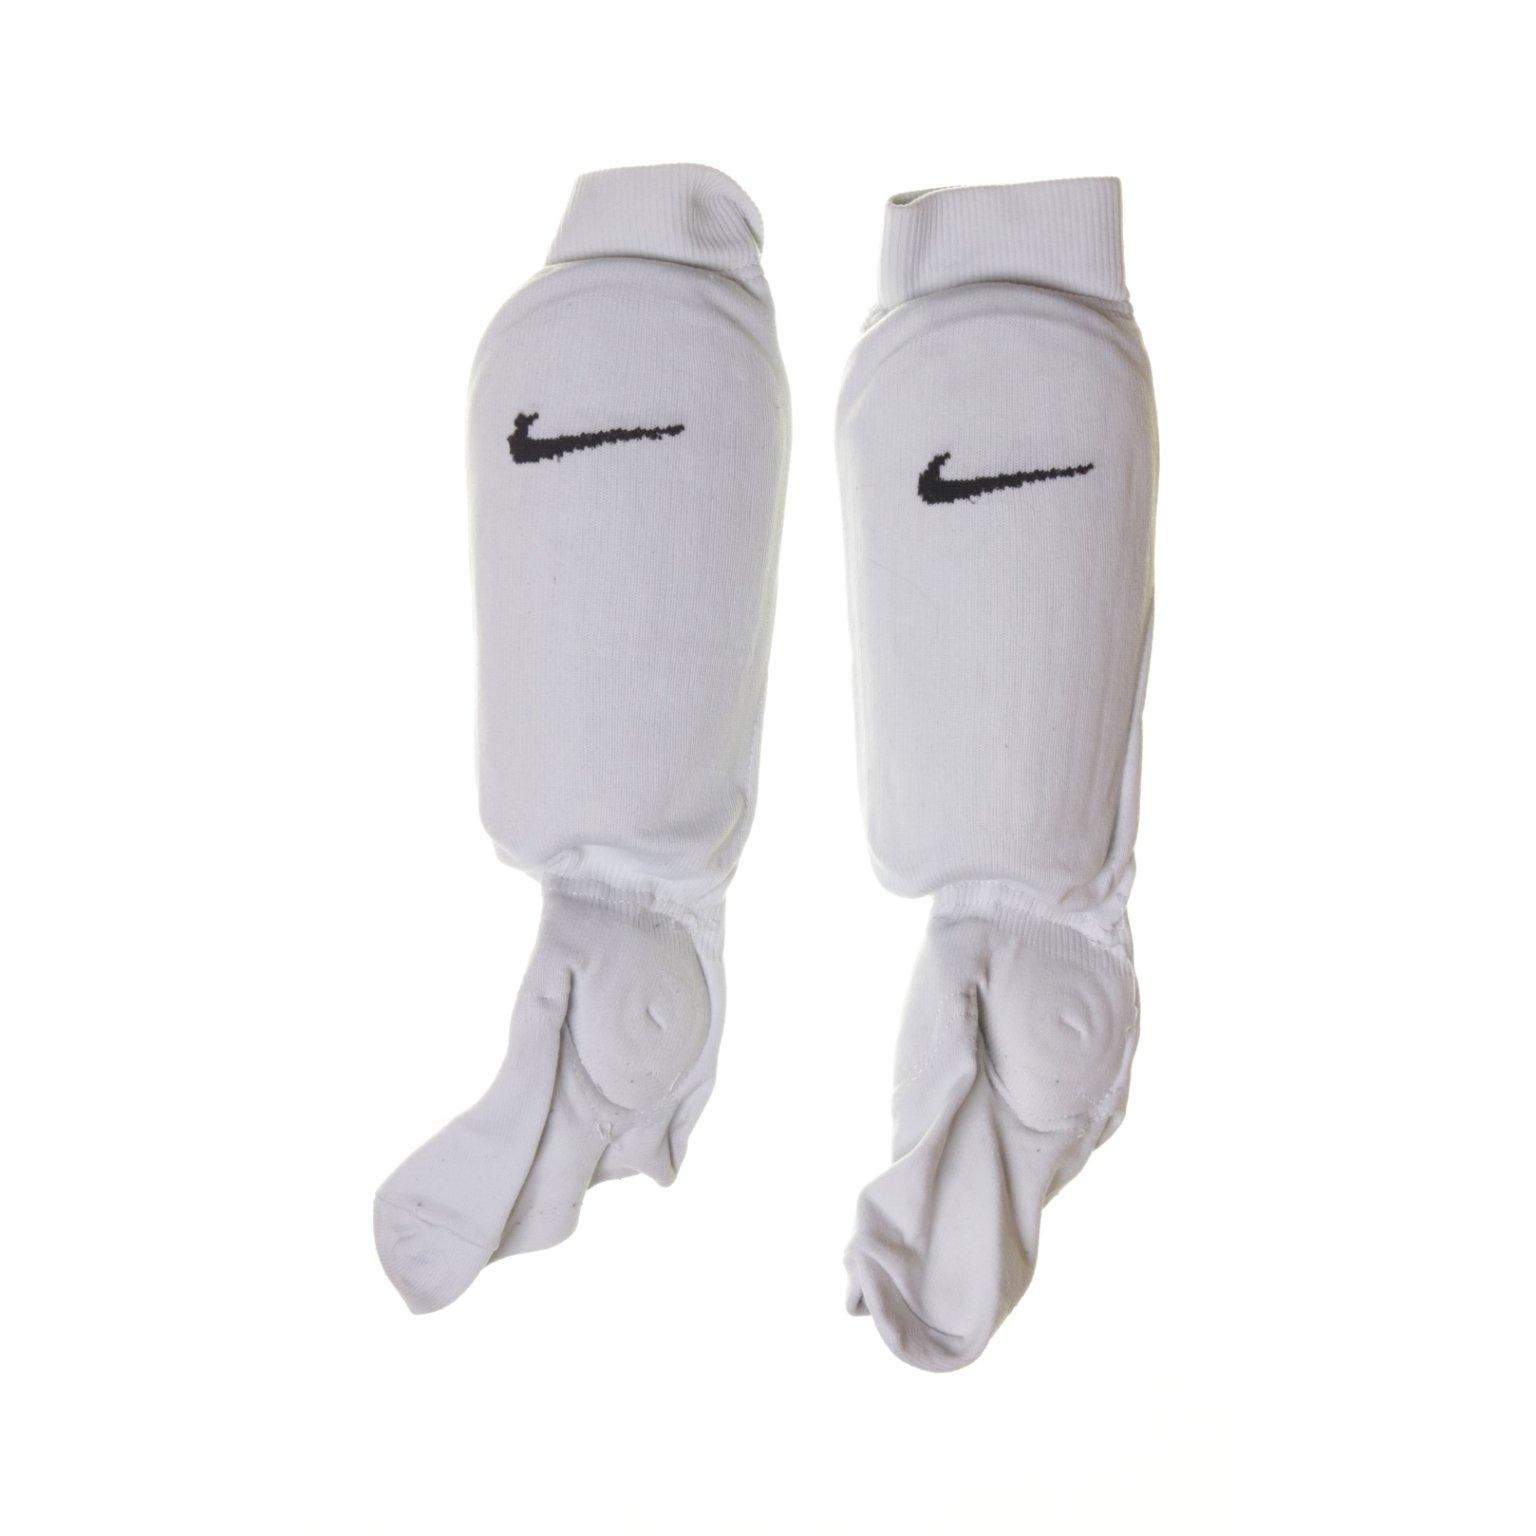 Waterfront något deadline  Nike, Fotbollsstrumpor, Strl: K, Vit (410561465) ᐈ Sellpy på Tradera